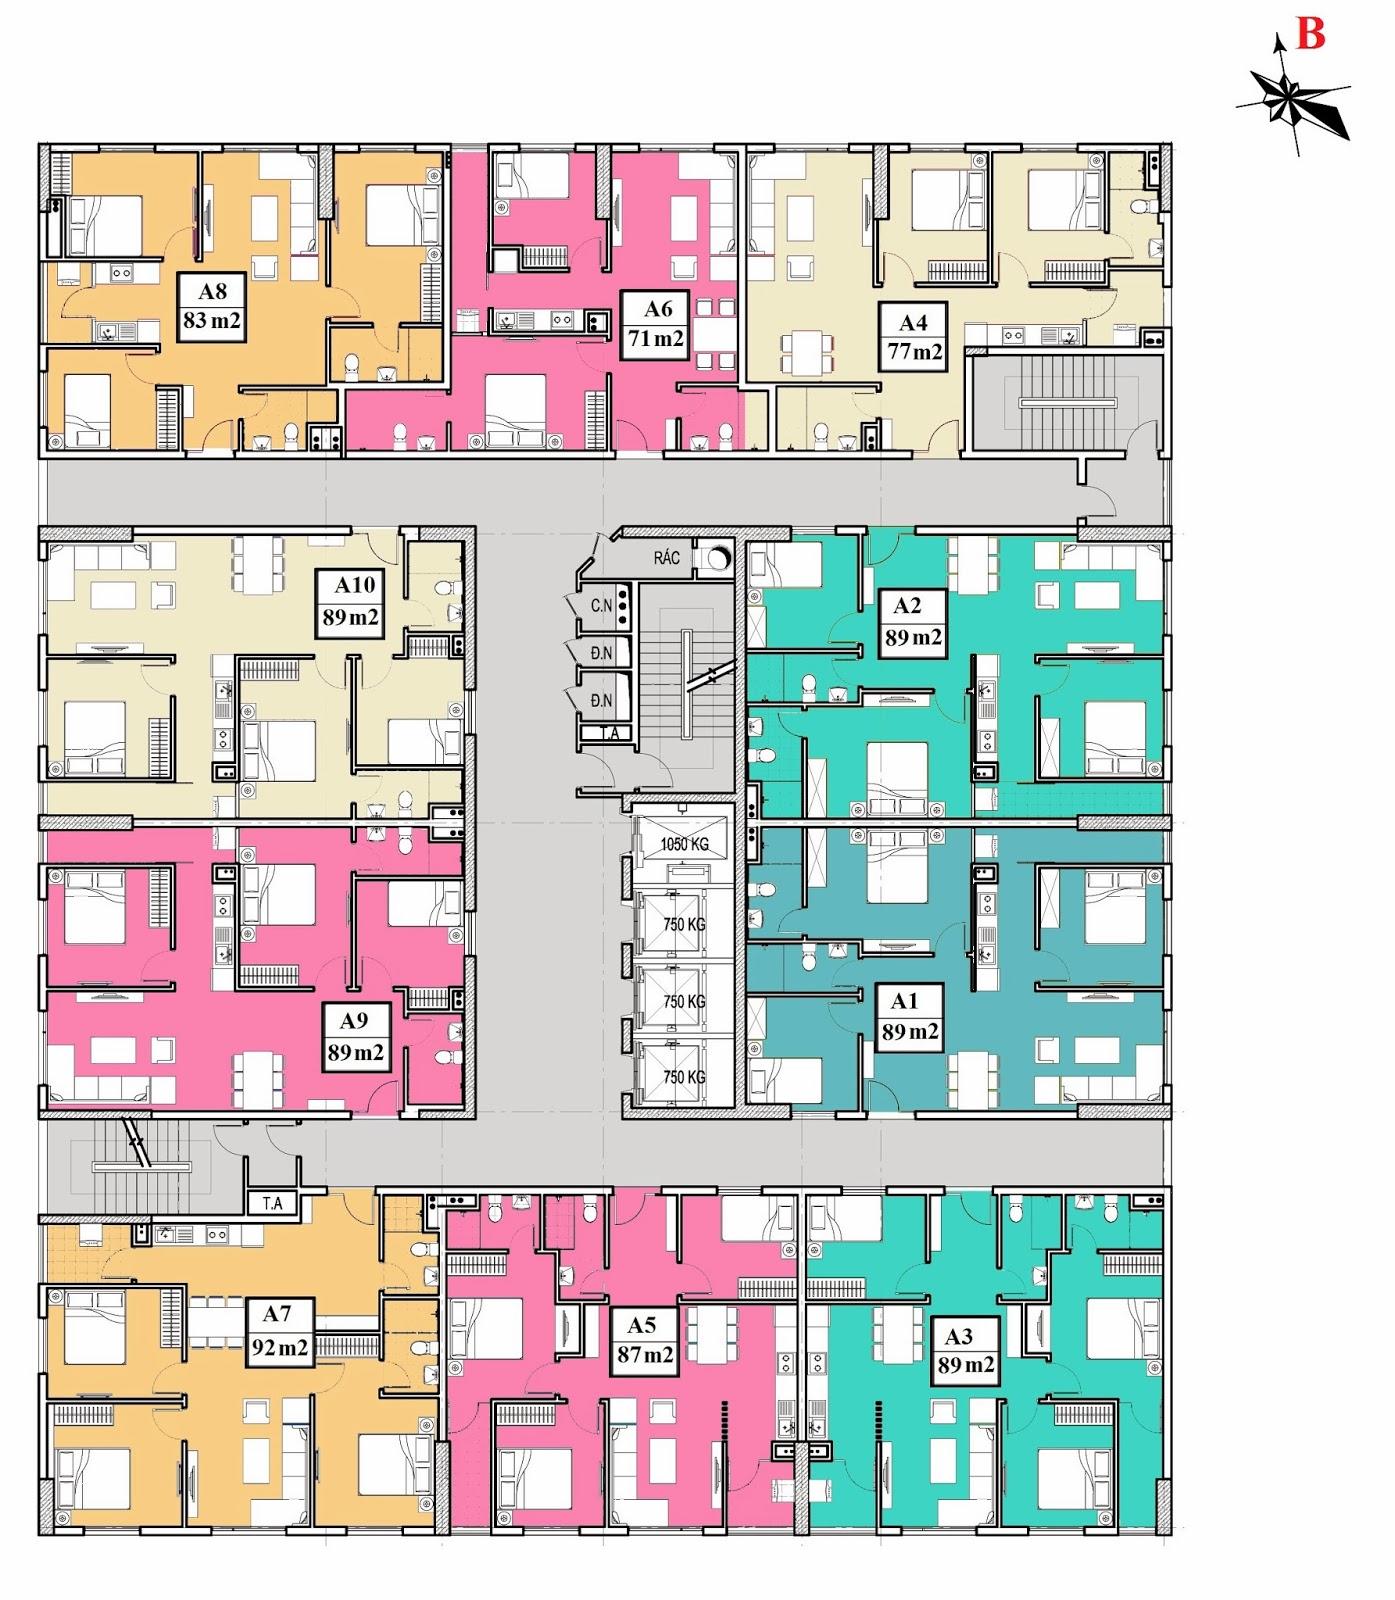 Chung cư 283 Khương Trung, Mặt bằng tầng 14-20